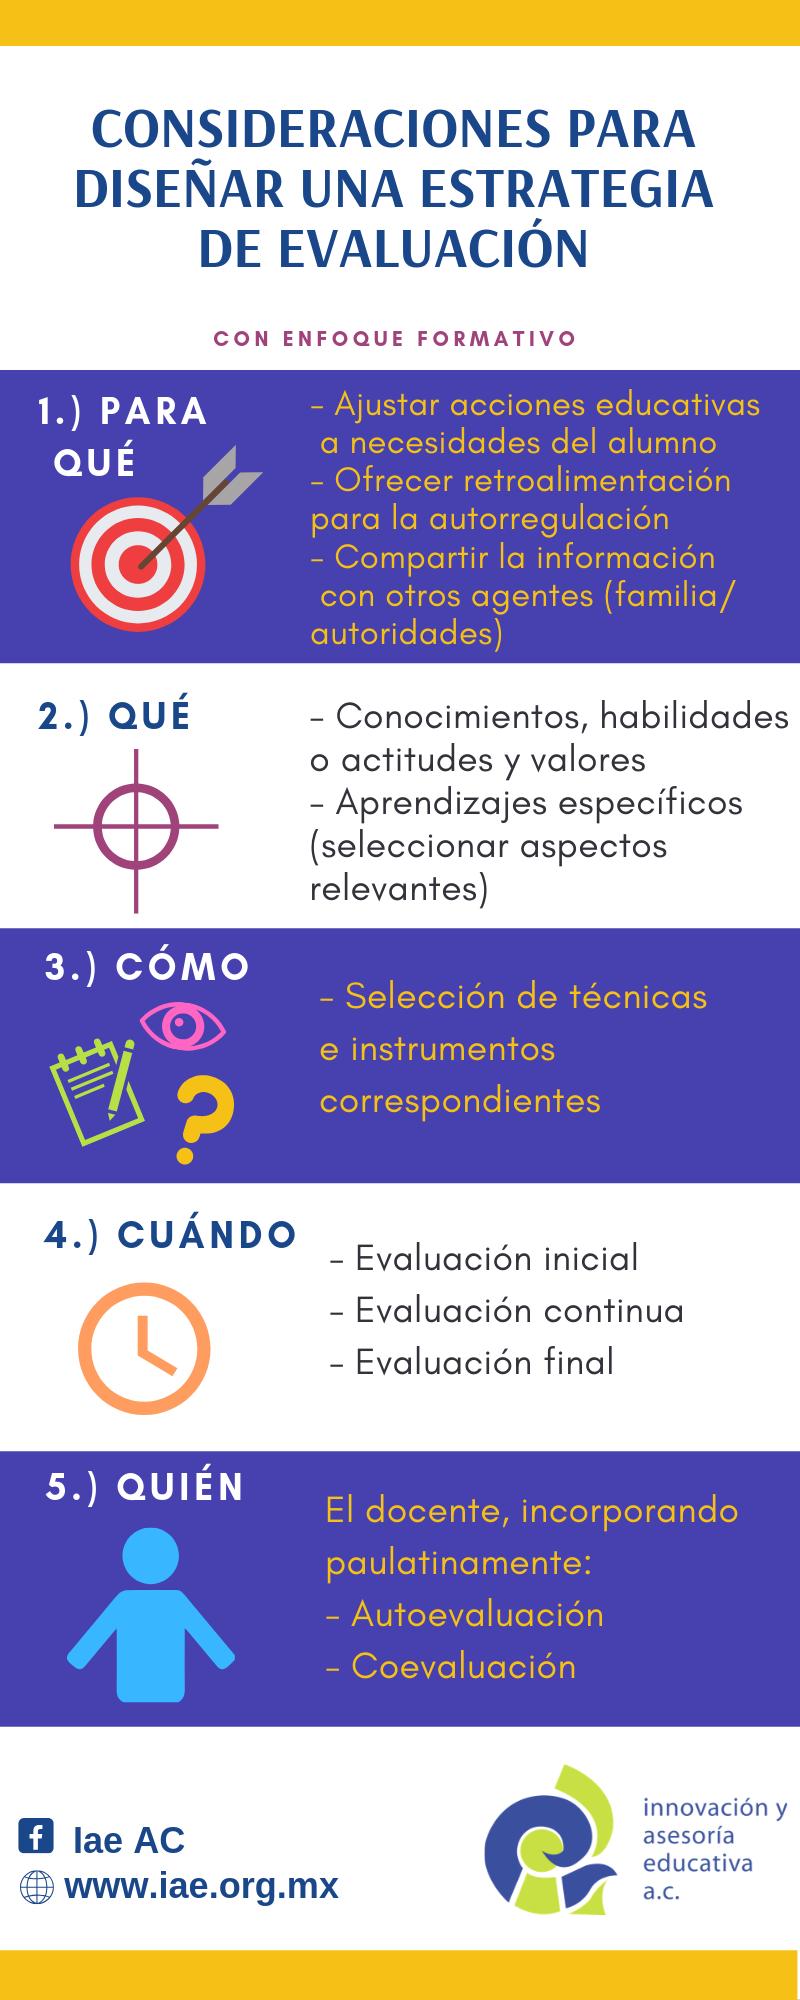 Infografia_CONSIDERACIONES